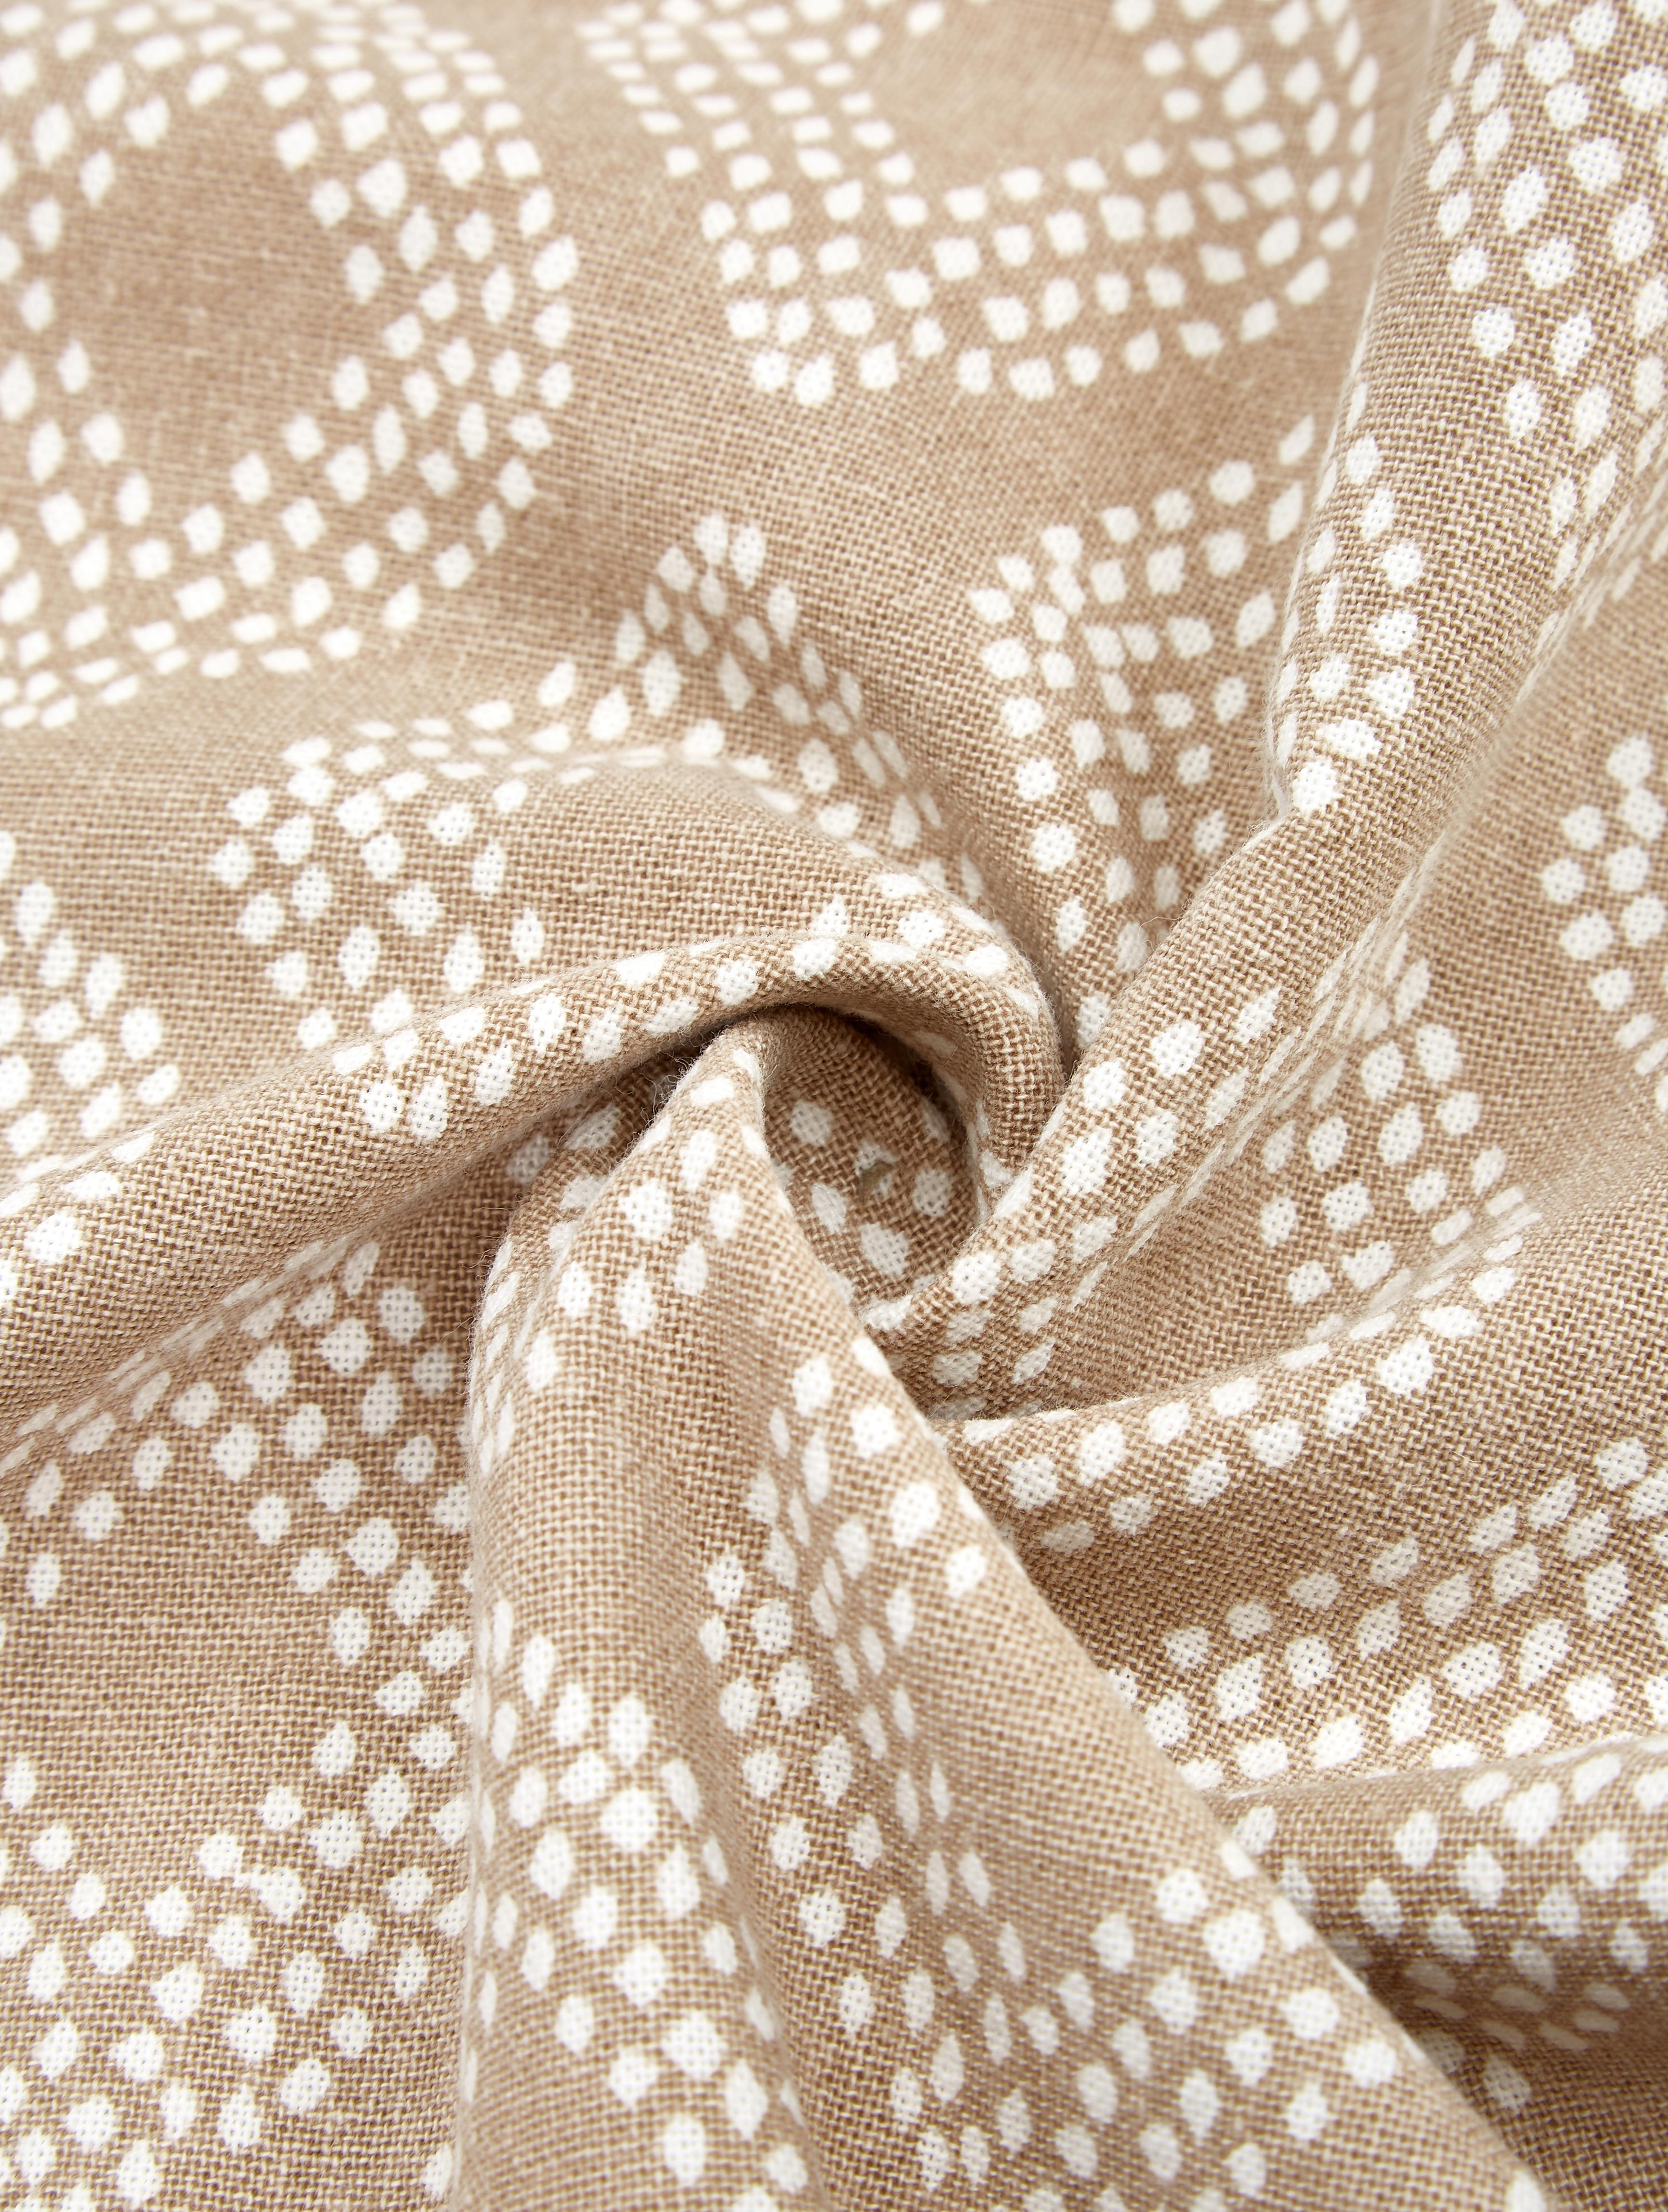 Gemusterte Kissenhüllen Cousin in Beige, 3er-Set, 100% Baumwolle, Beige, Weiß, 45 x 45 cm